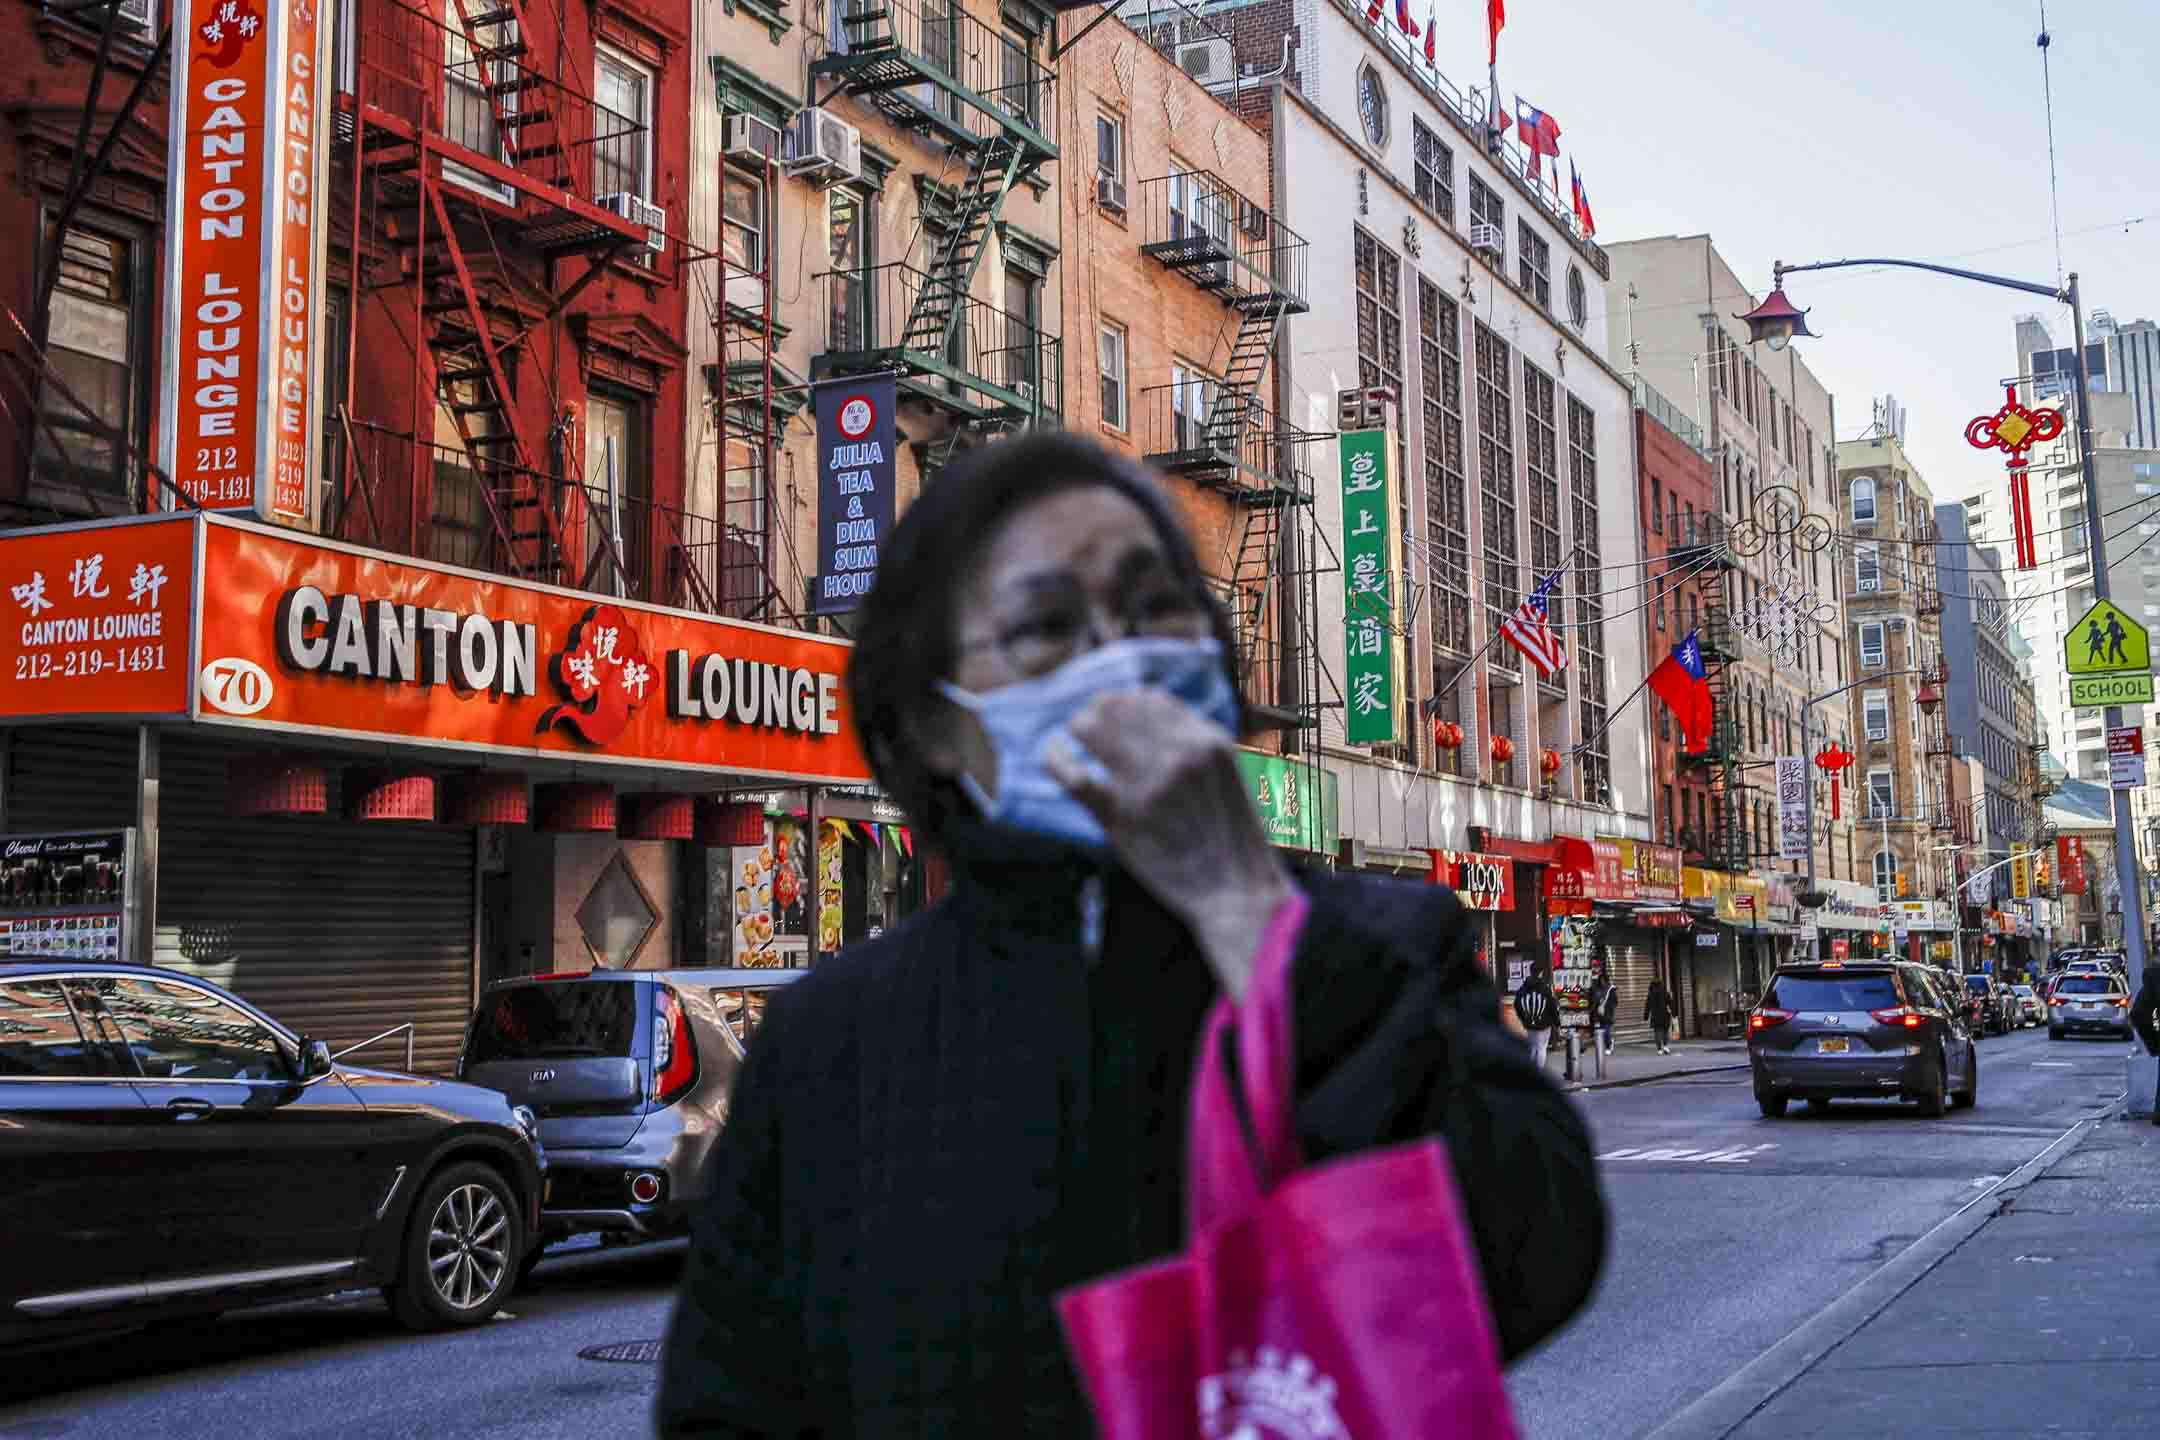 2020年3月16日,新冠疫情下的紐約唐人街,一名行人在餐館前路過。  攝:John Minchill/AP/達志影像